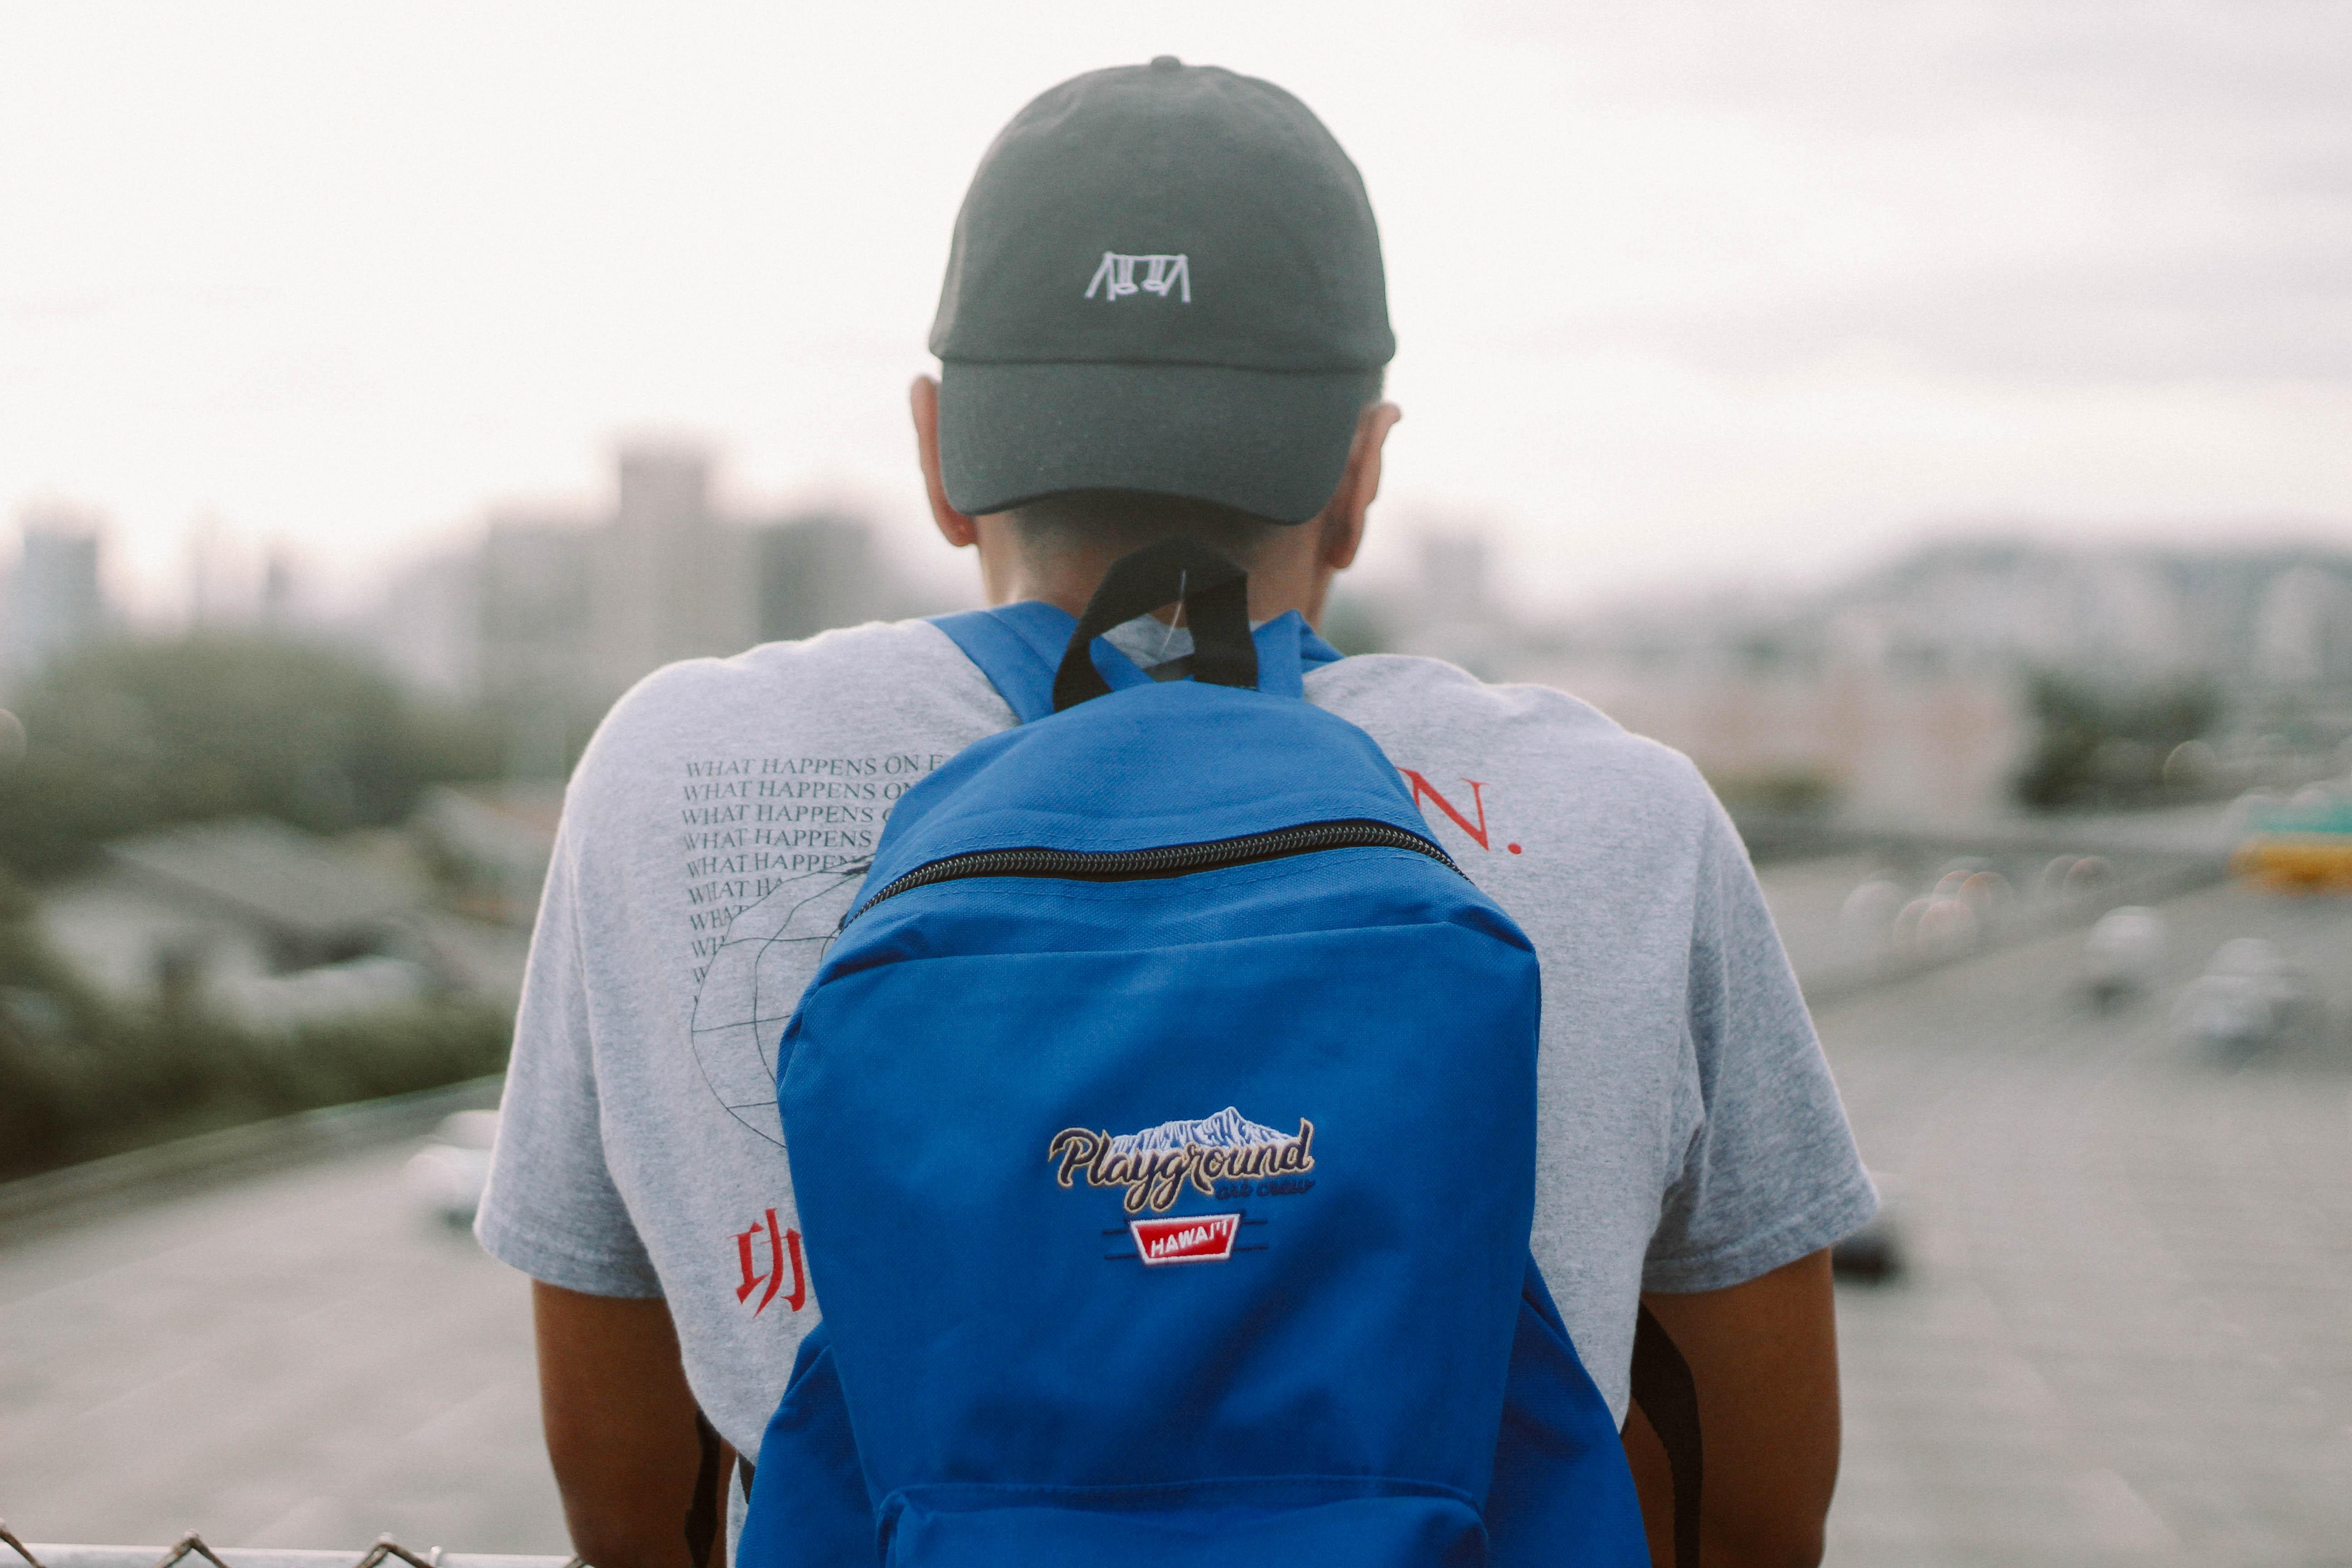 HatBackpack